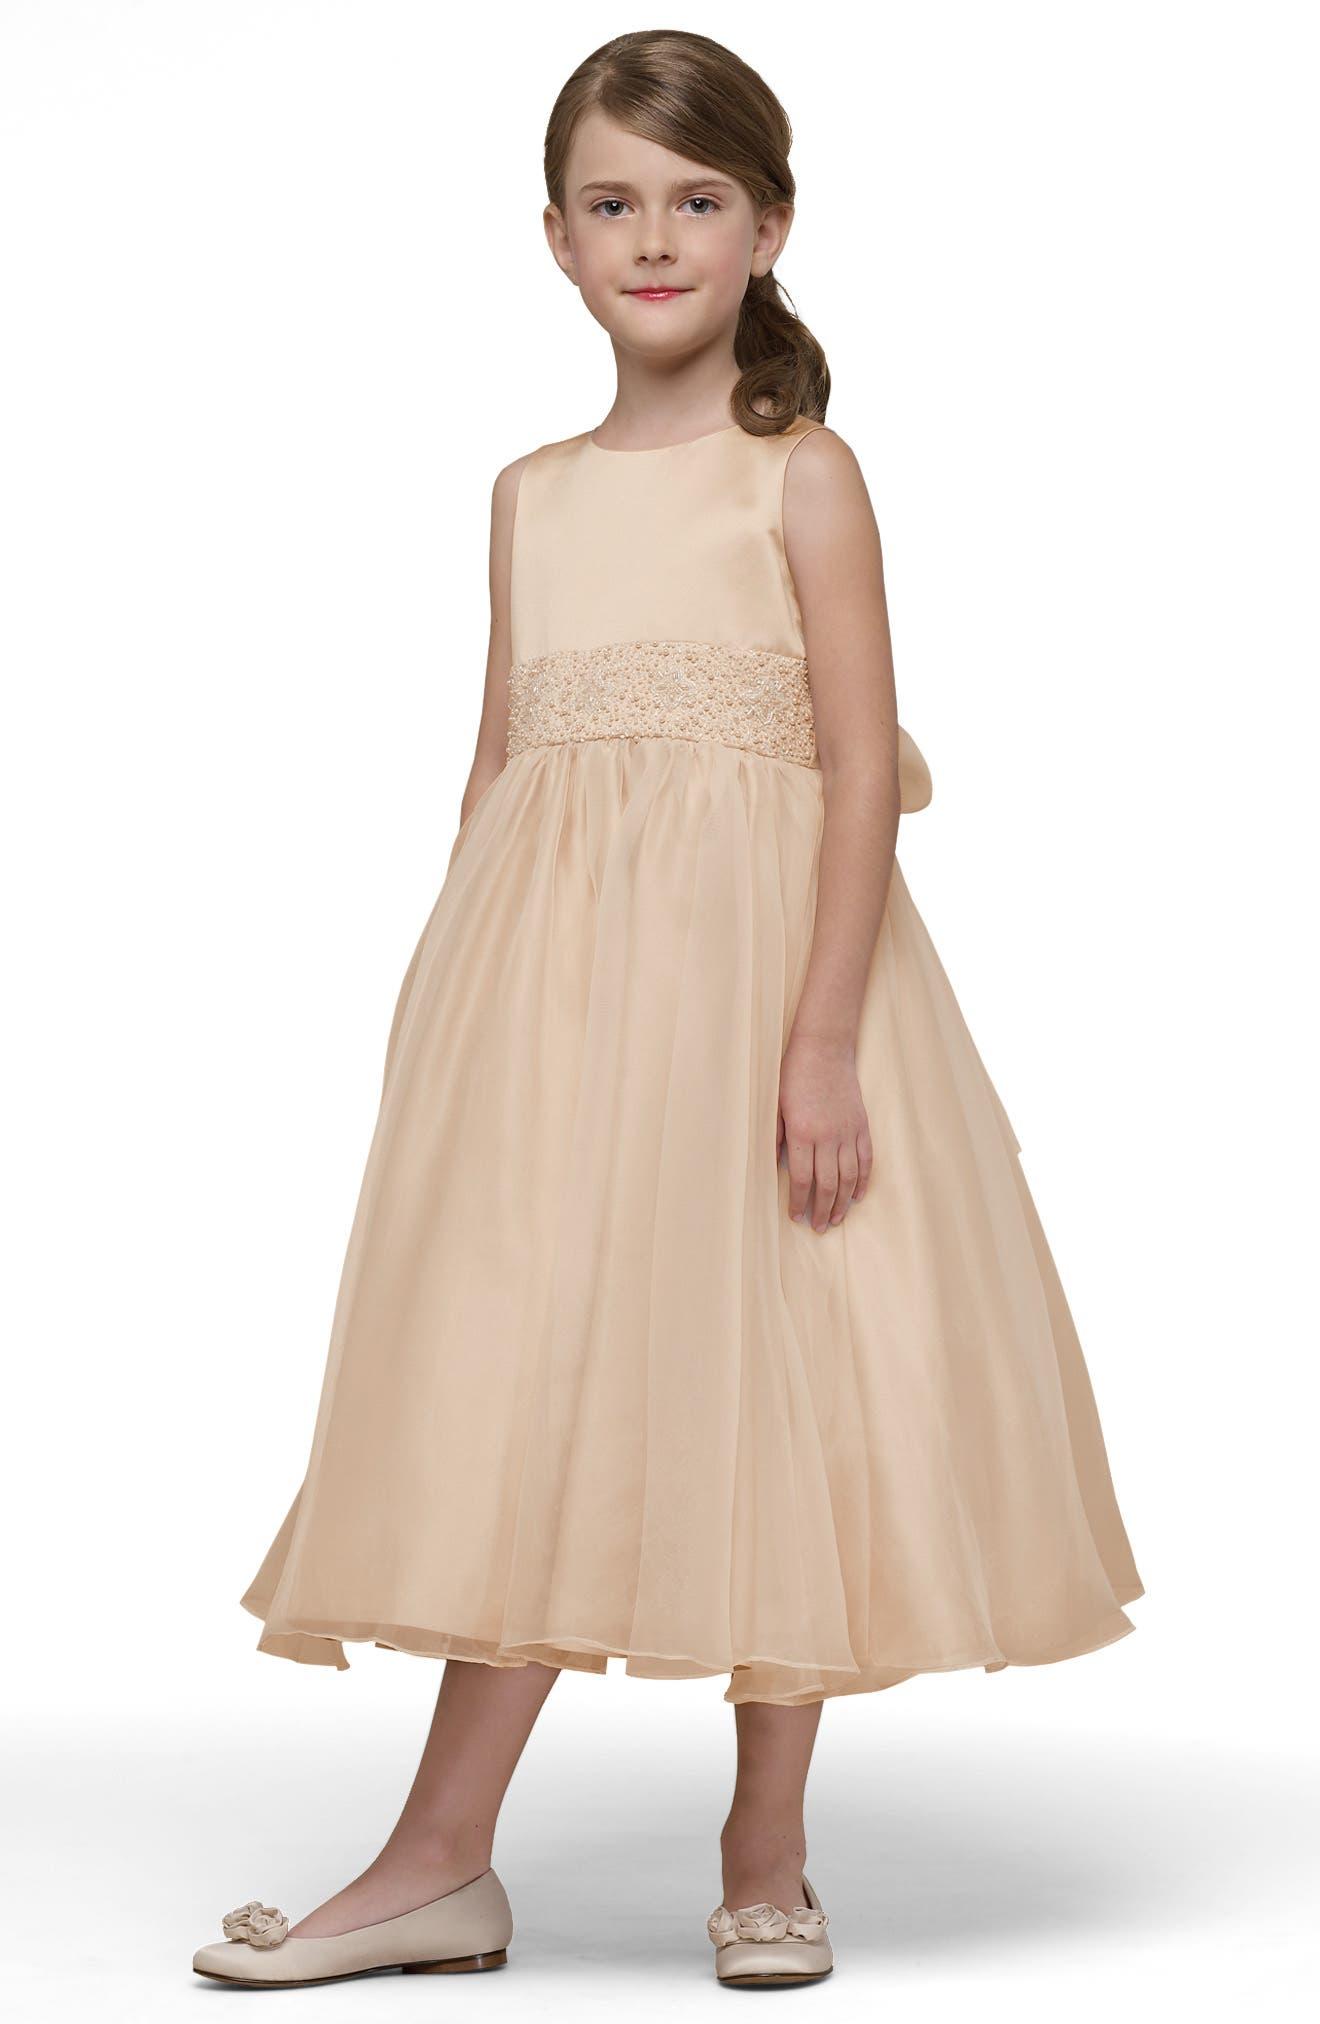 Beaded Satin Sleeveless Dress,                             Alternate thumbnail 5, color,                             CHAMPAGNE